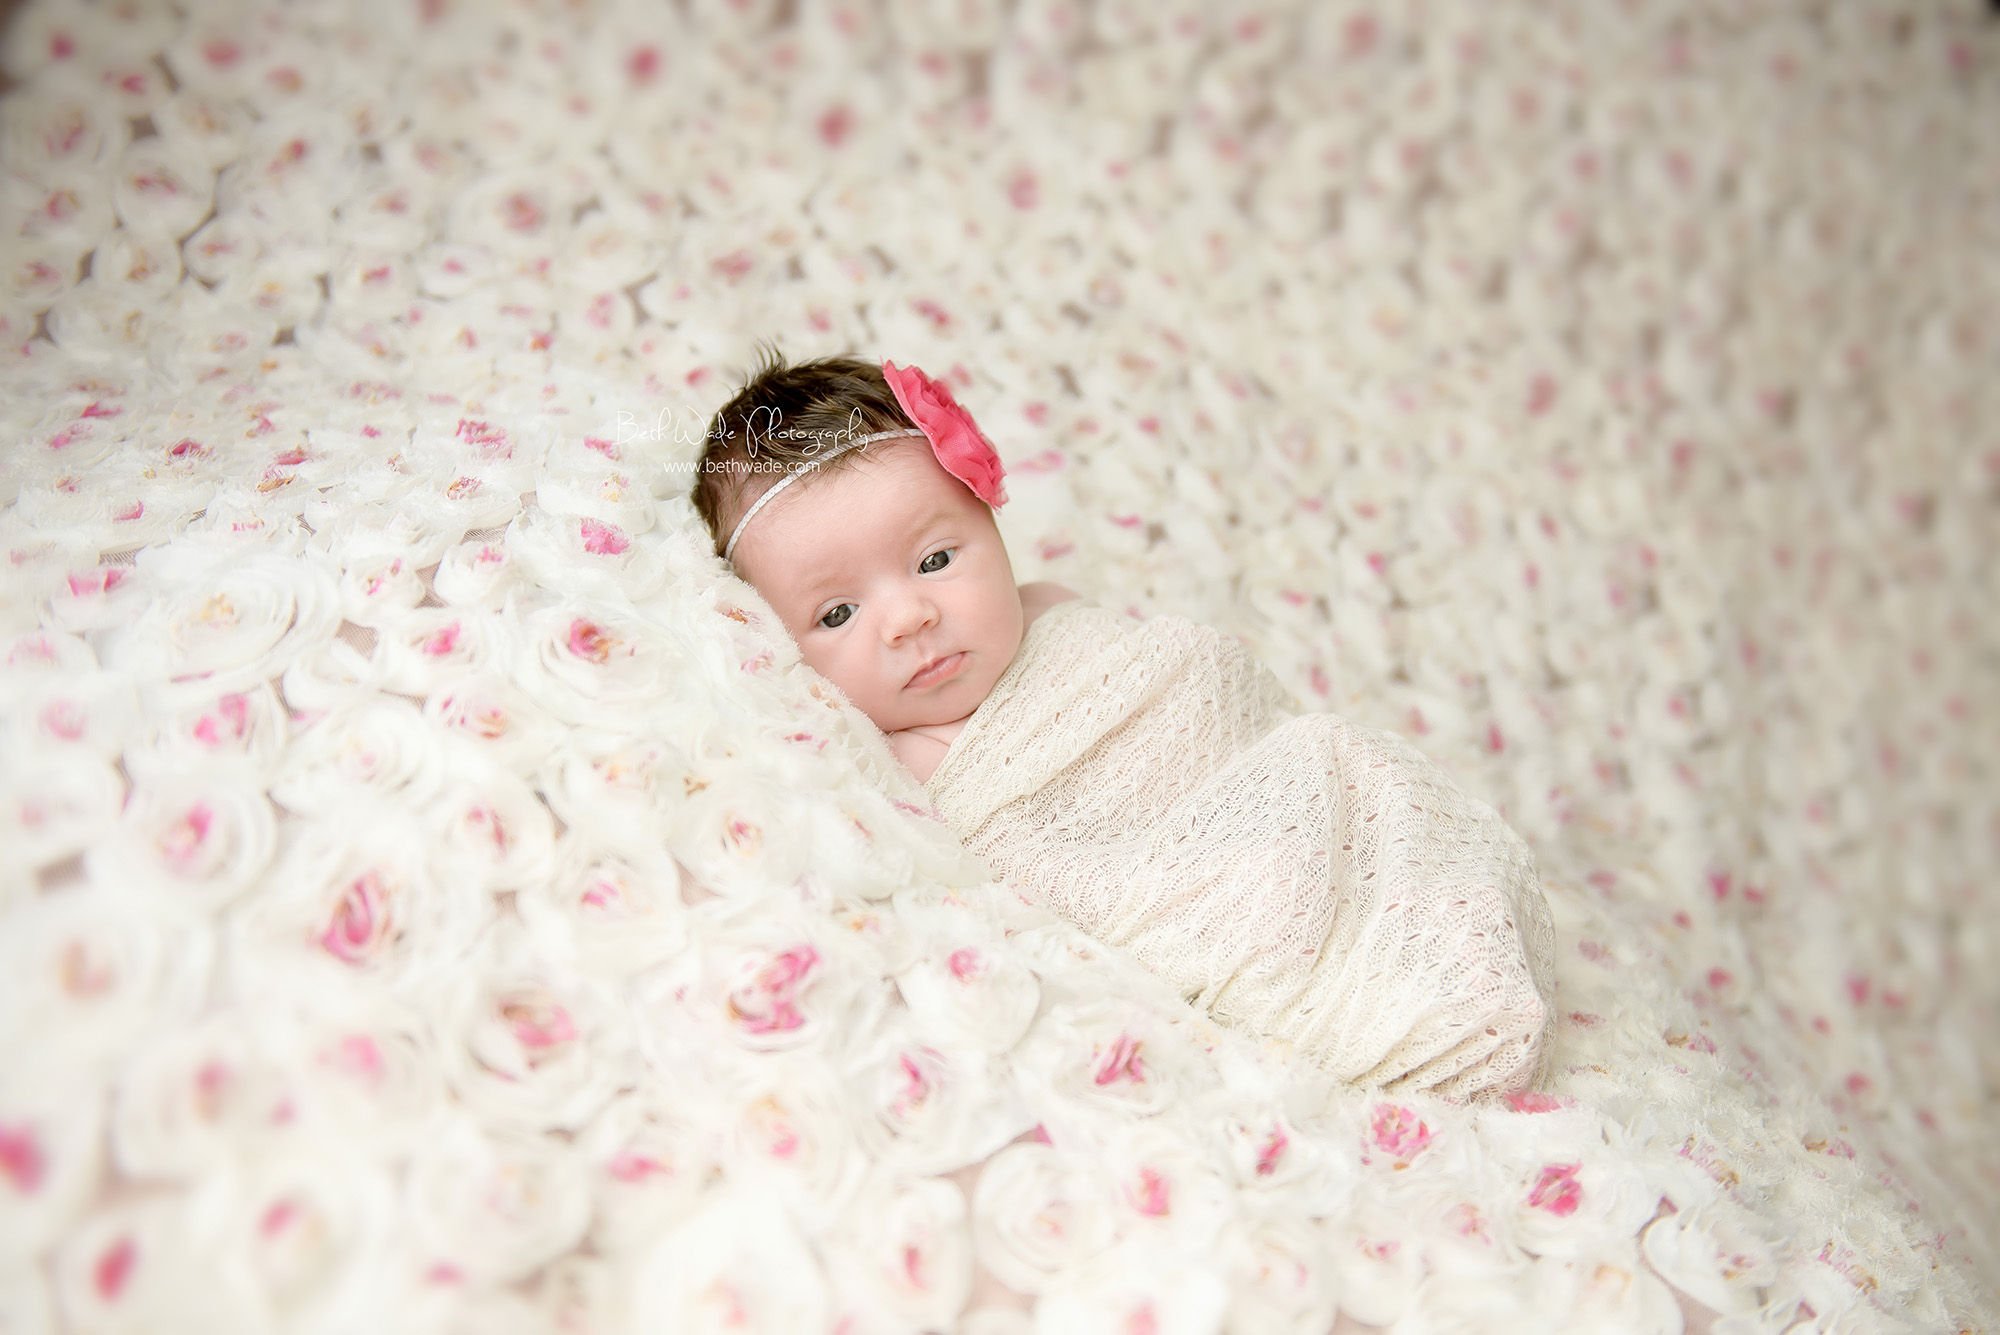 12 days new baby girl ~ family of 3 {charlotte newborn photographer}